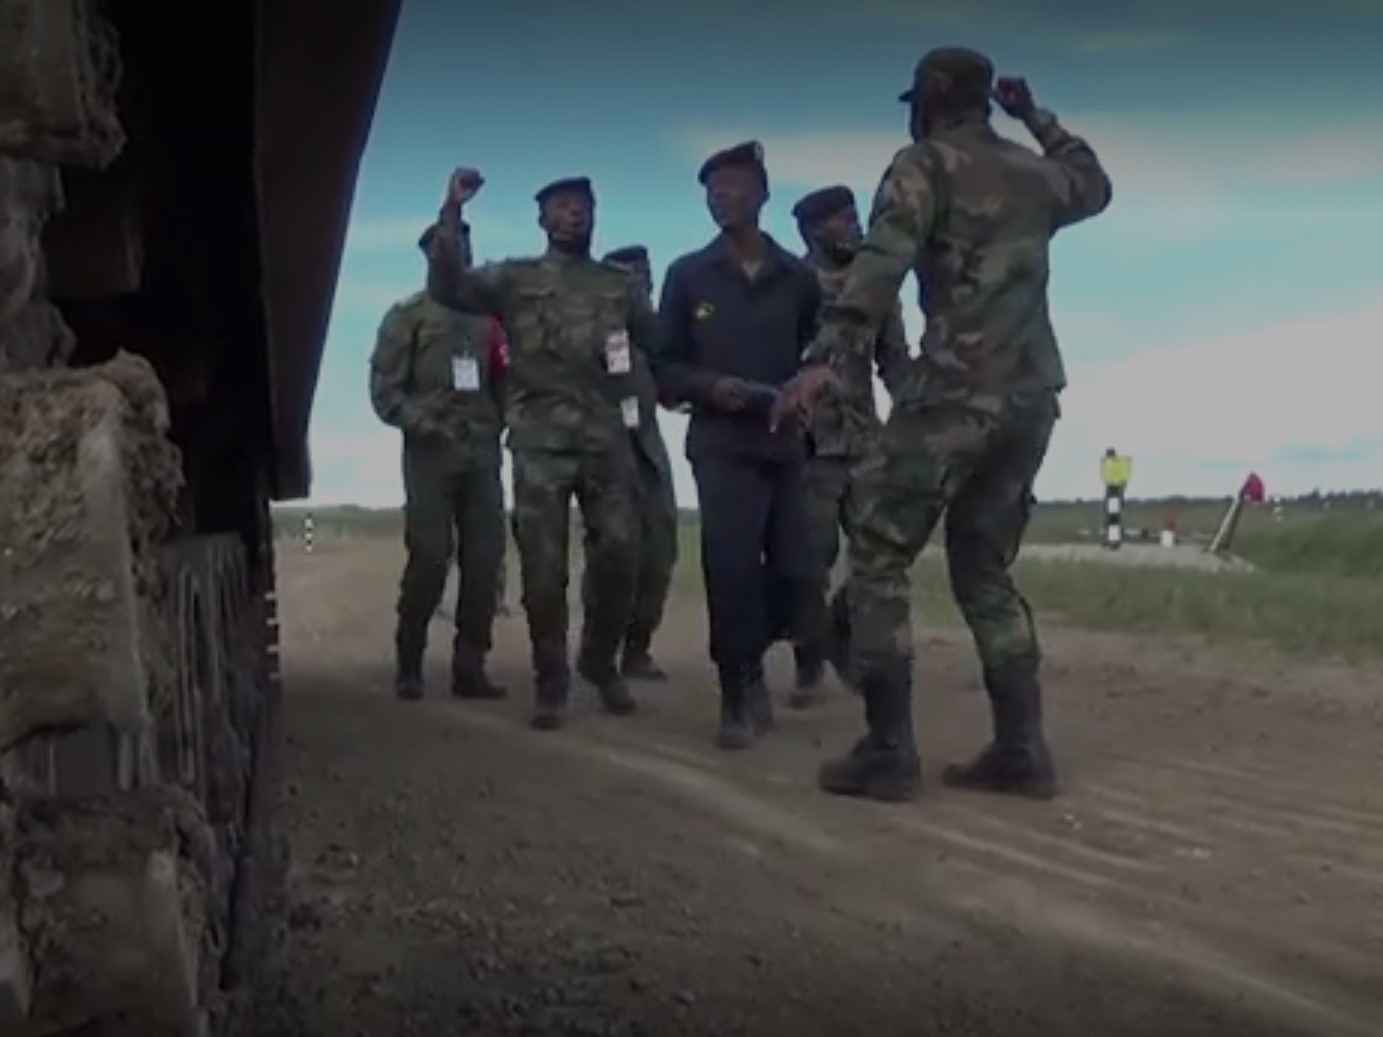 Африканские военные сплясали ритуальный танец на Дальнем Востоке